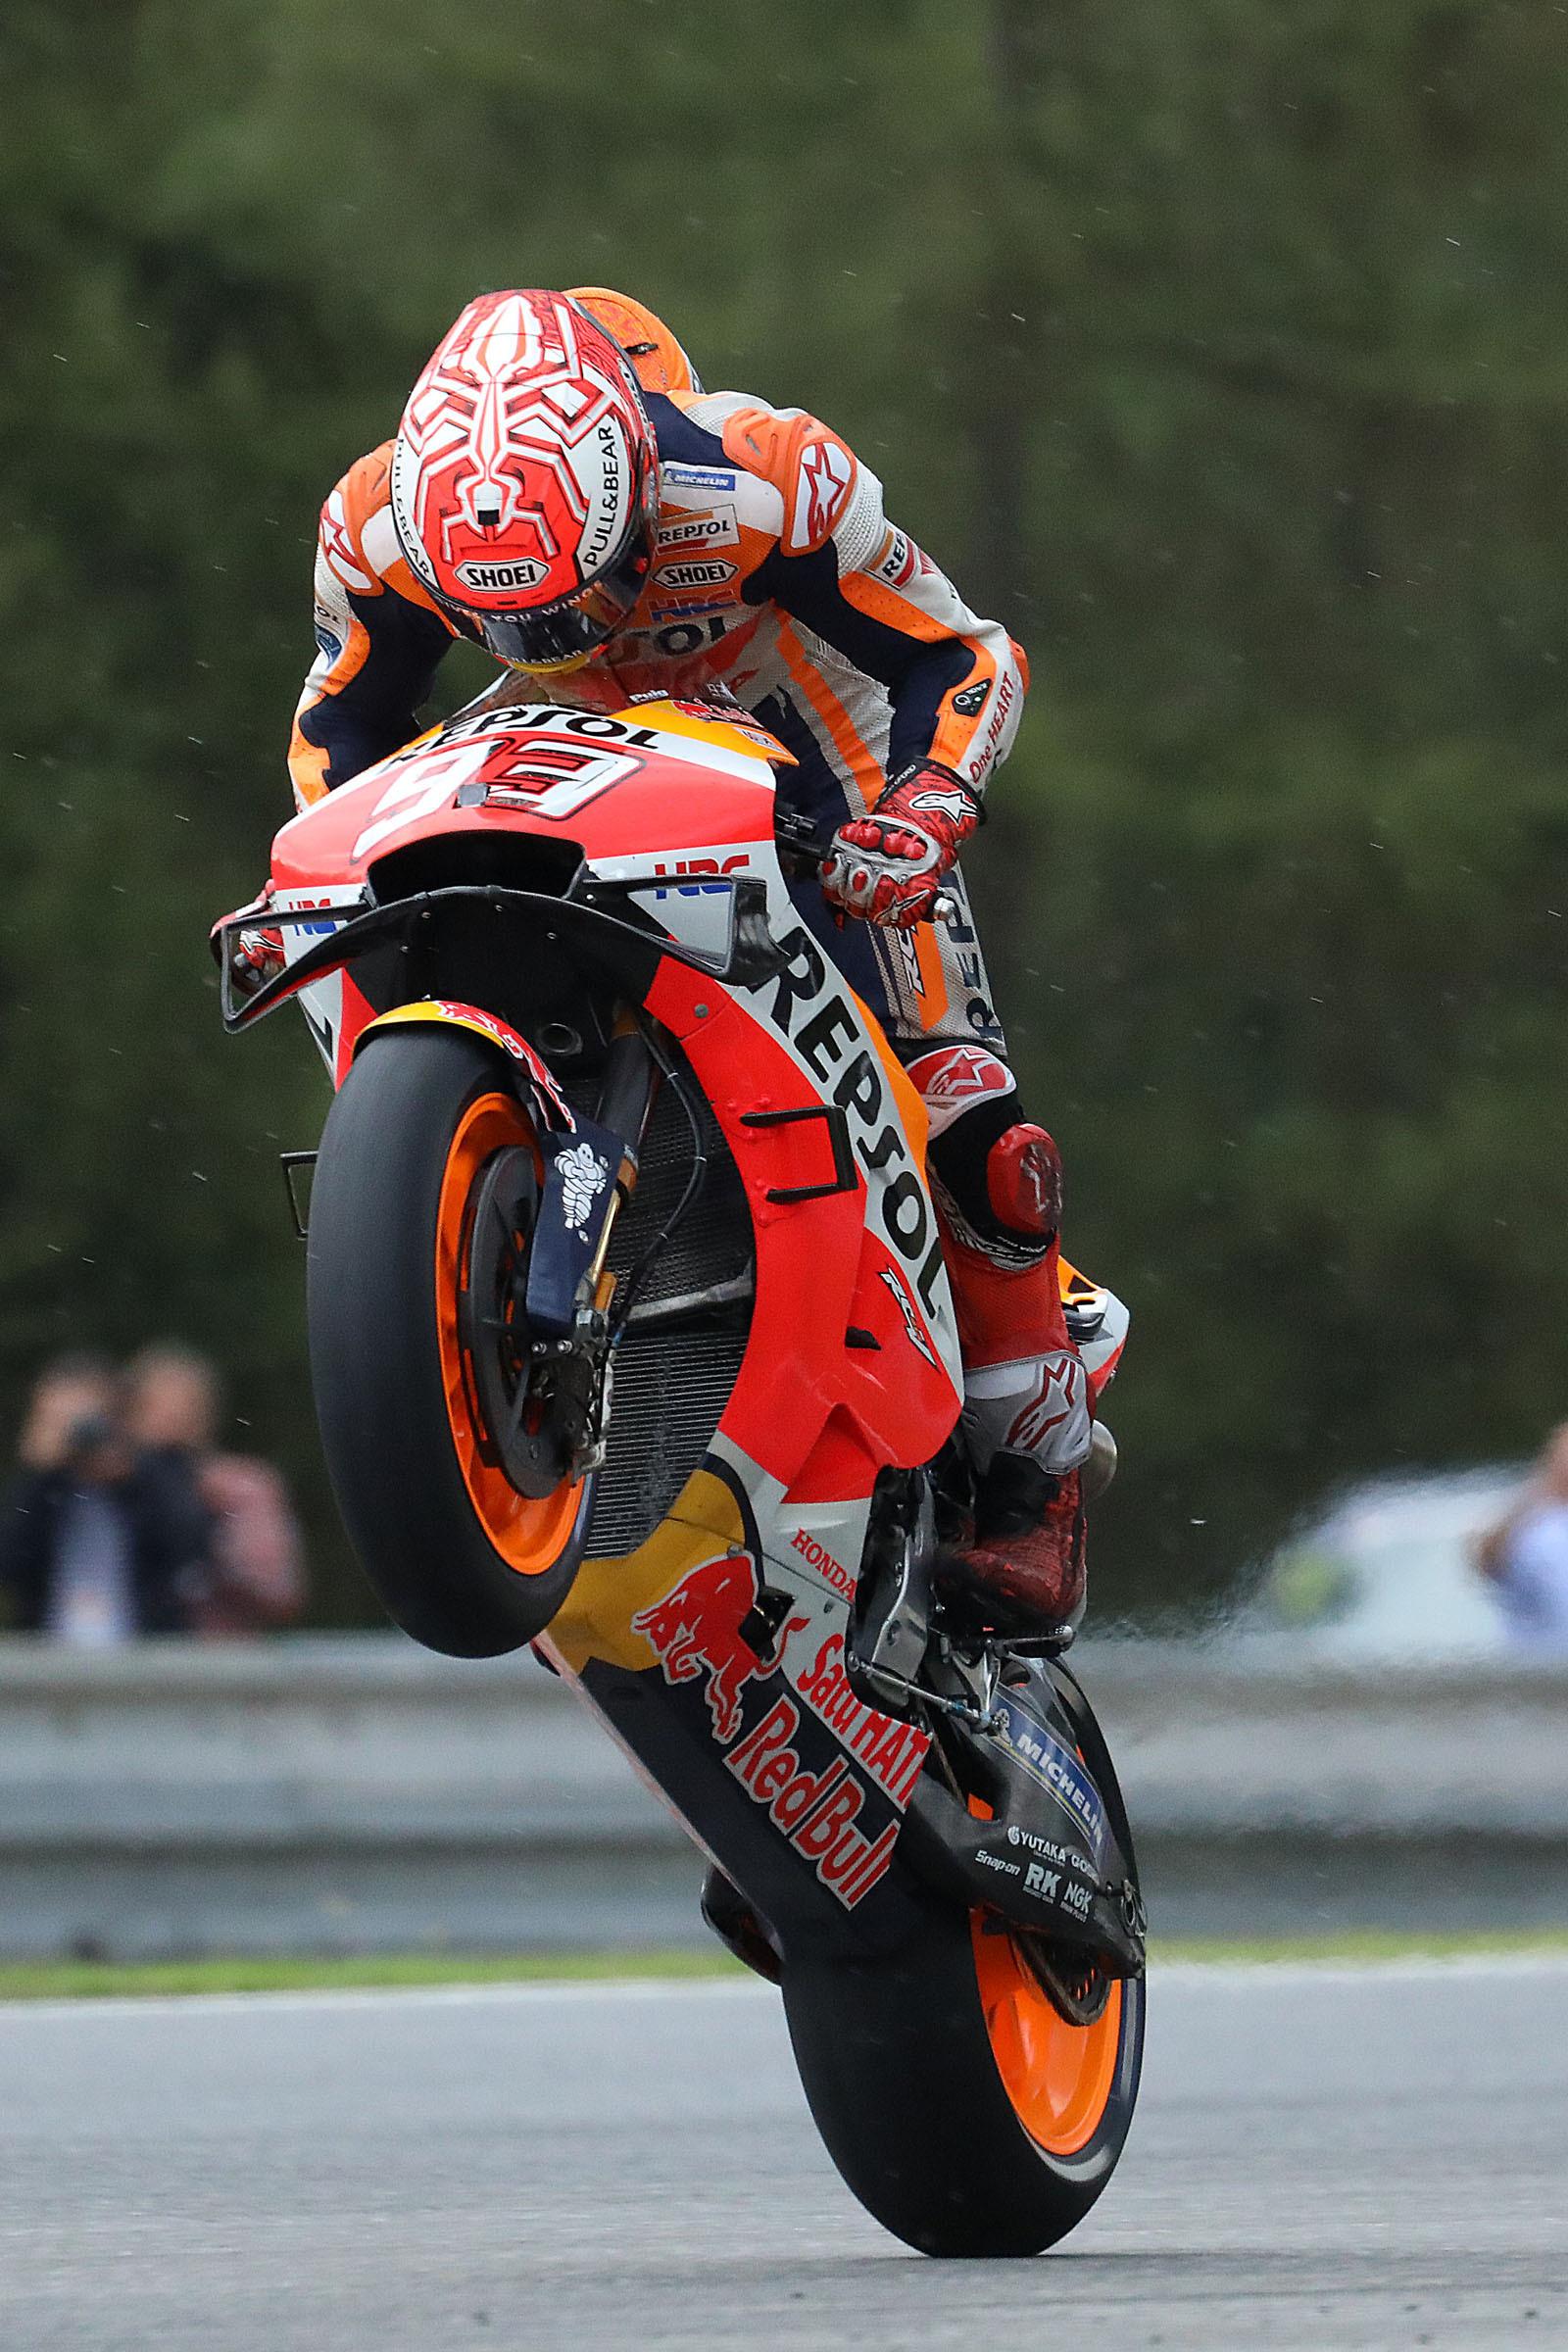 MotoGp, il solito Marquez vince davanti a Dovizioso